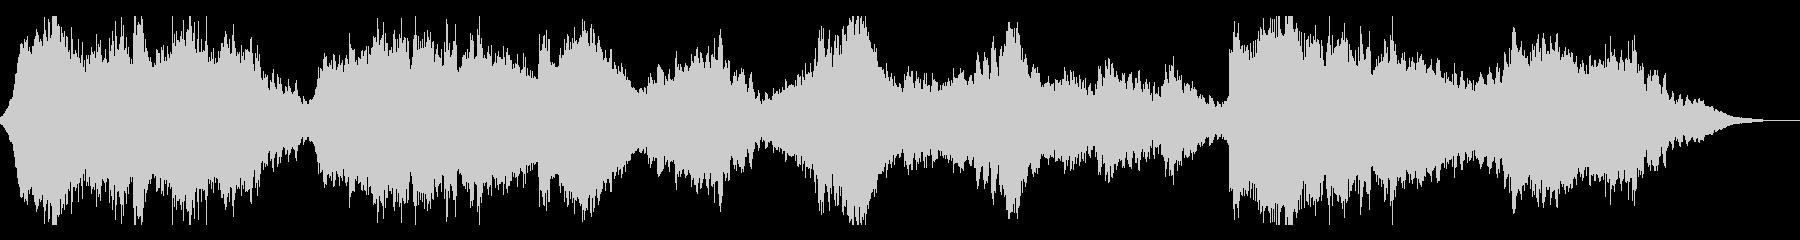 不気味なSF風サウンドスケープの未再生の波形